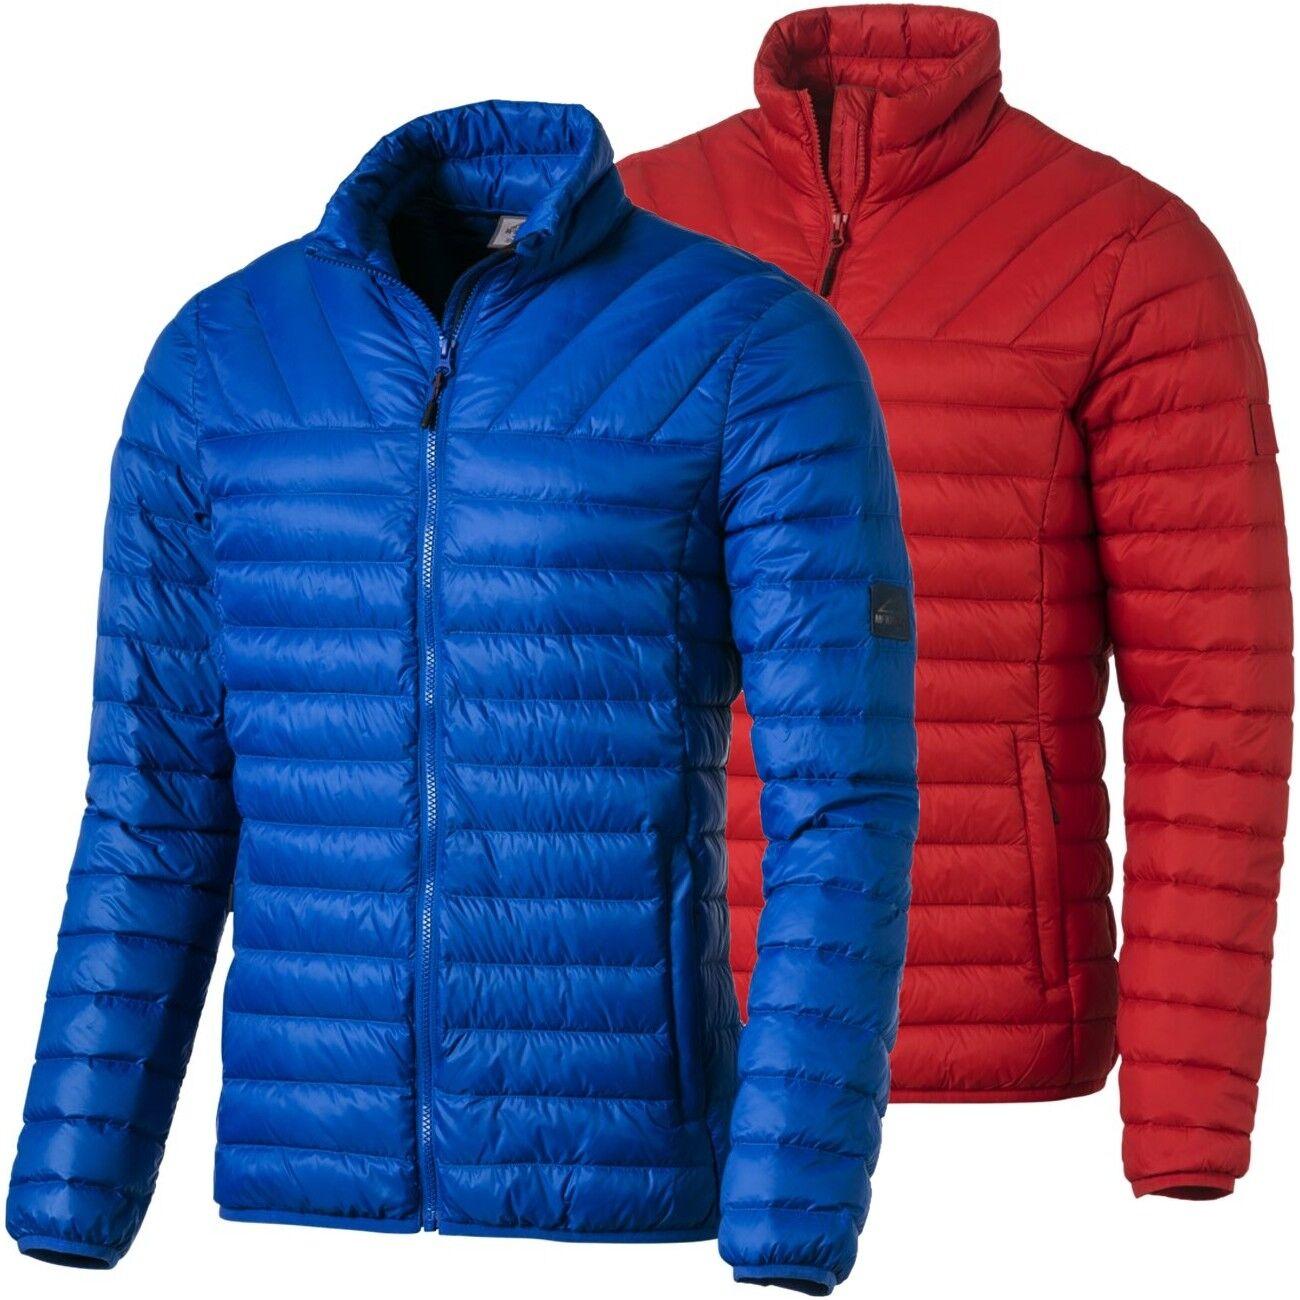 McKINLEY Herren Winter Outdoor Daunen Jacke Daunenjacke Ariki Winterjacke 280742